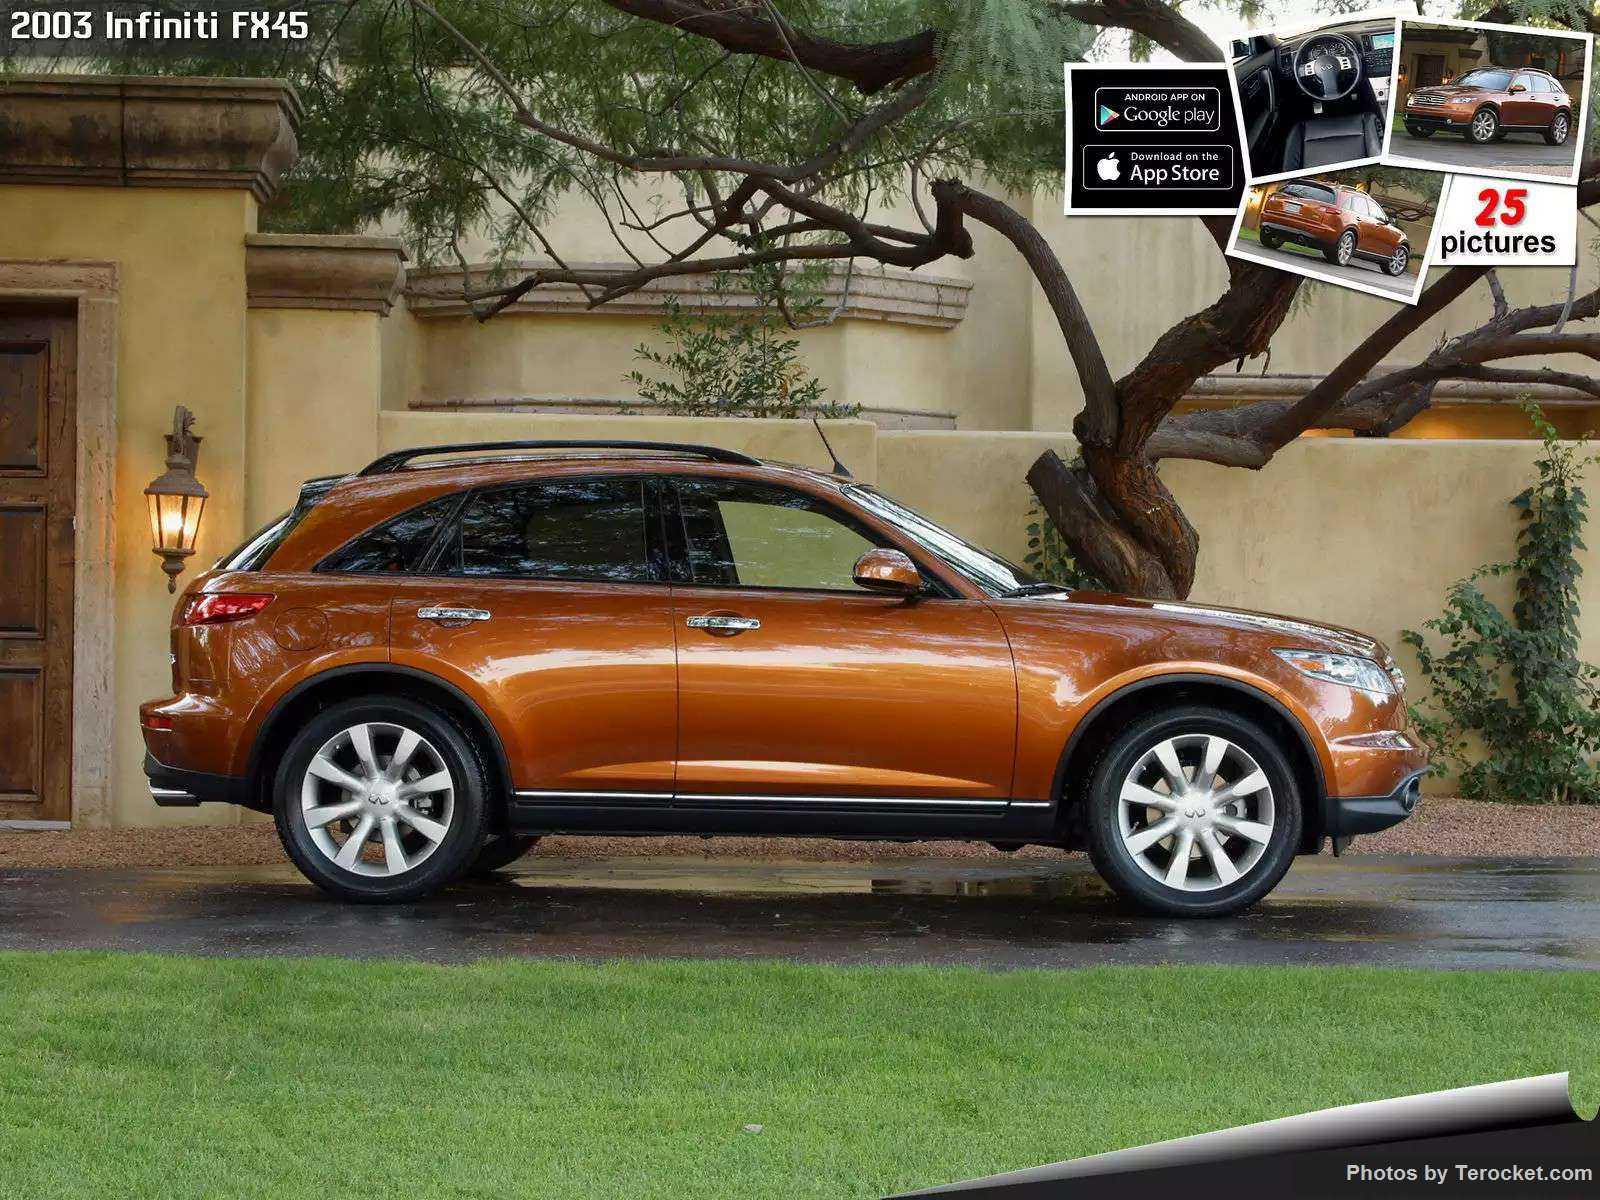 Hình ảnh xe ô tô Infiniti FX45 2003 & nội ngoại thất